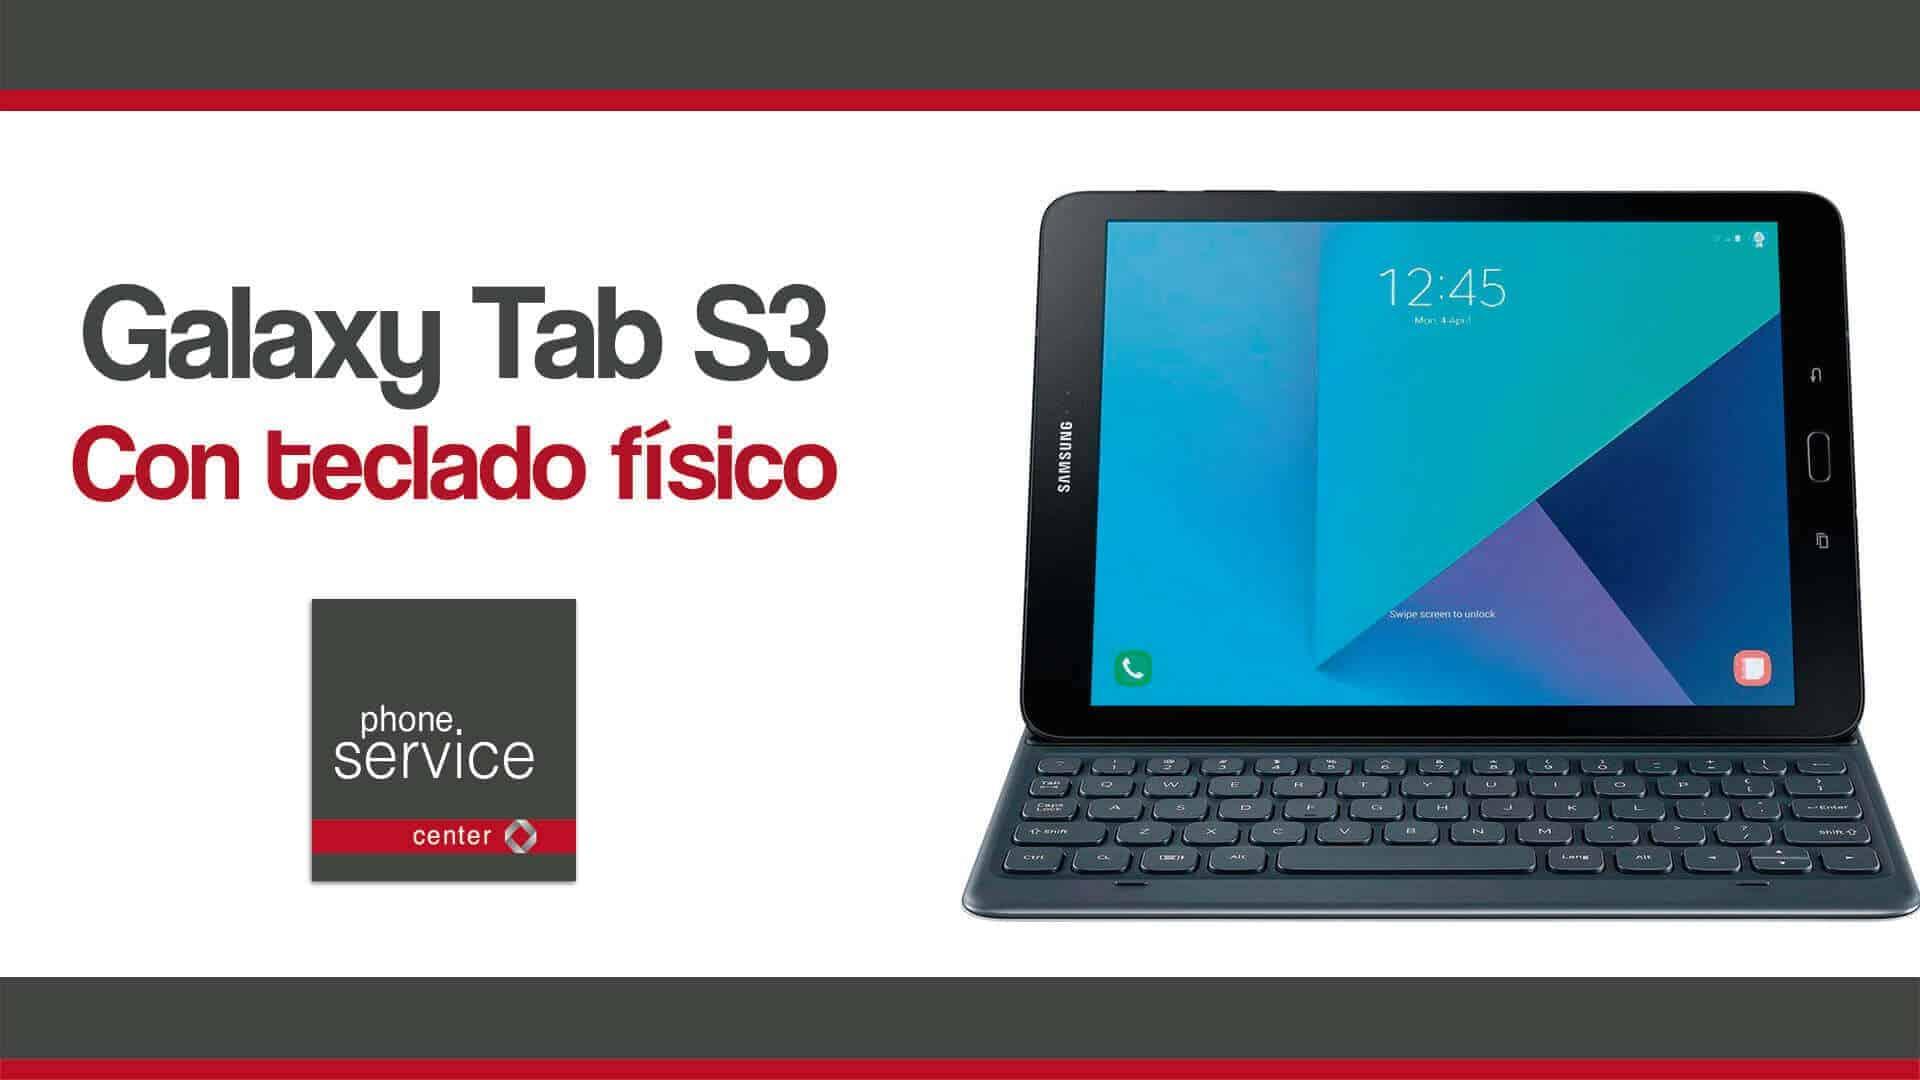 Galaxy Tab S3 con teclado fisico